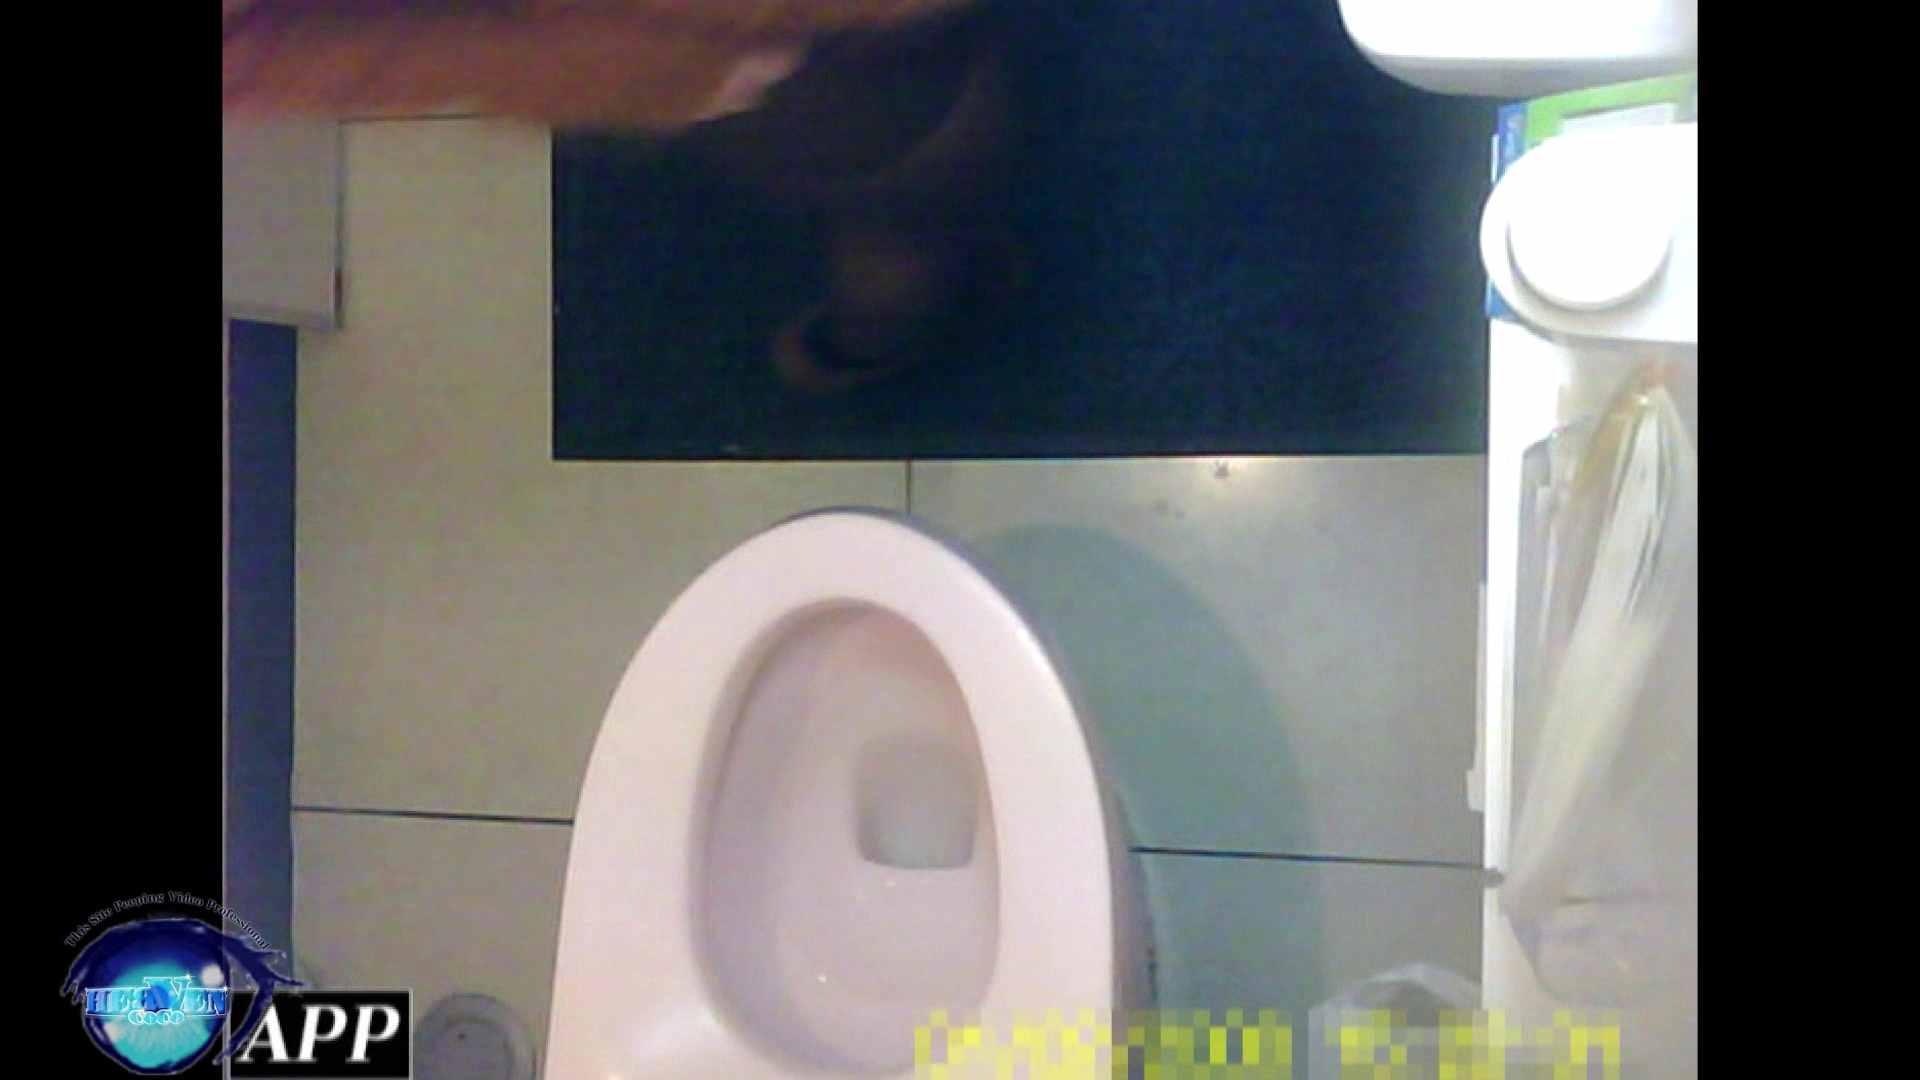 三つ目で盗撮 vol.01 美しいOLの裸体 | マンコ・ムレムレ  103pic 96